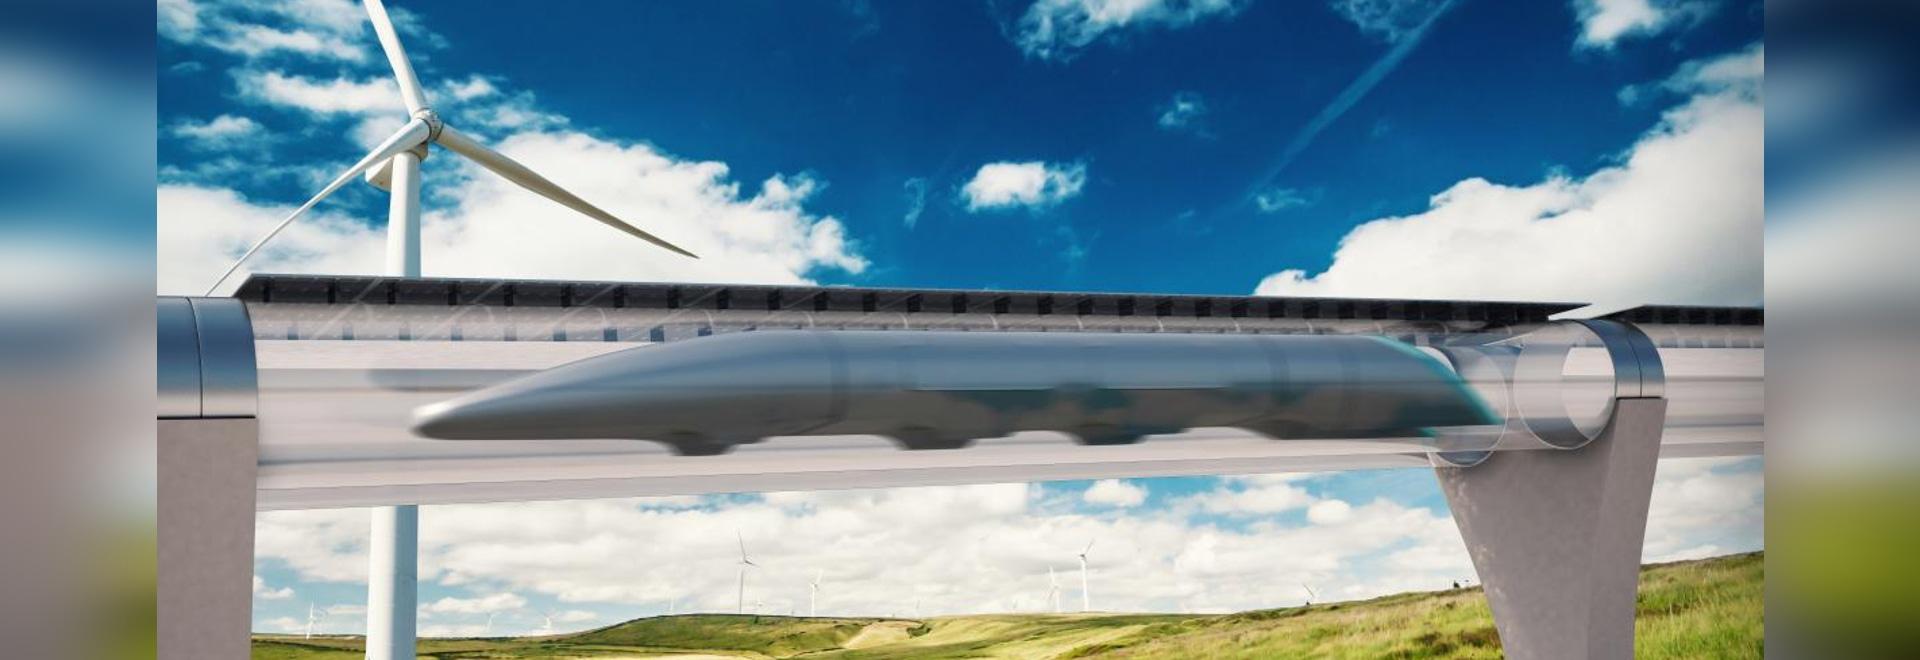 Hyperloop: El viajar a la velocidad del sonido